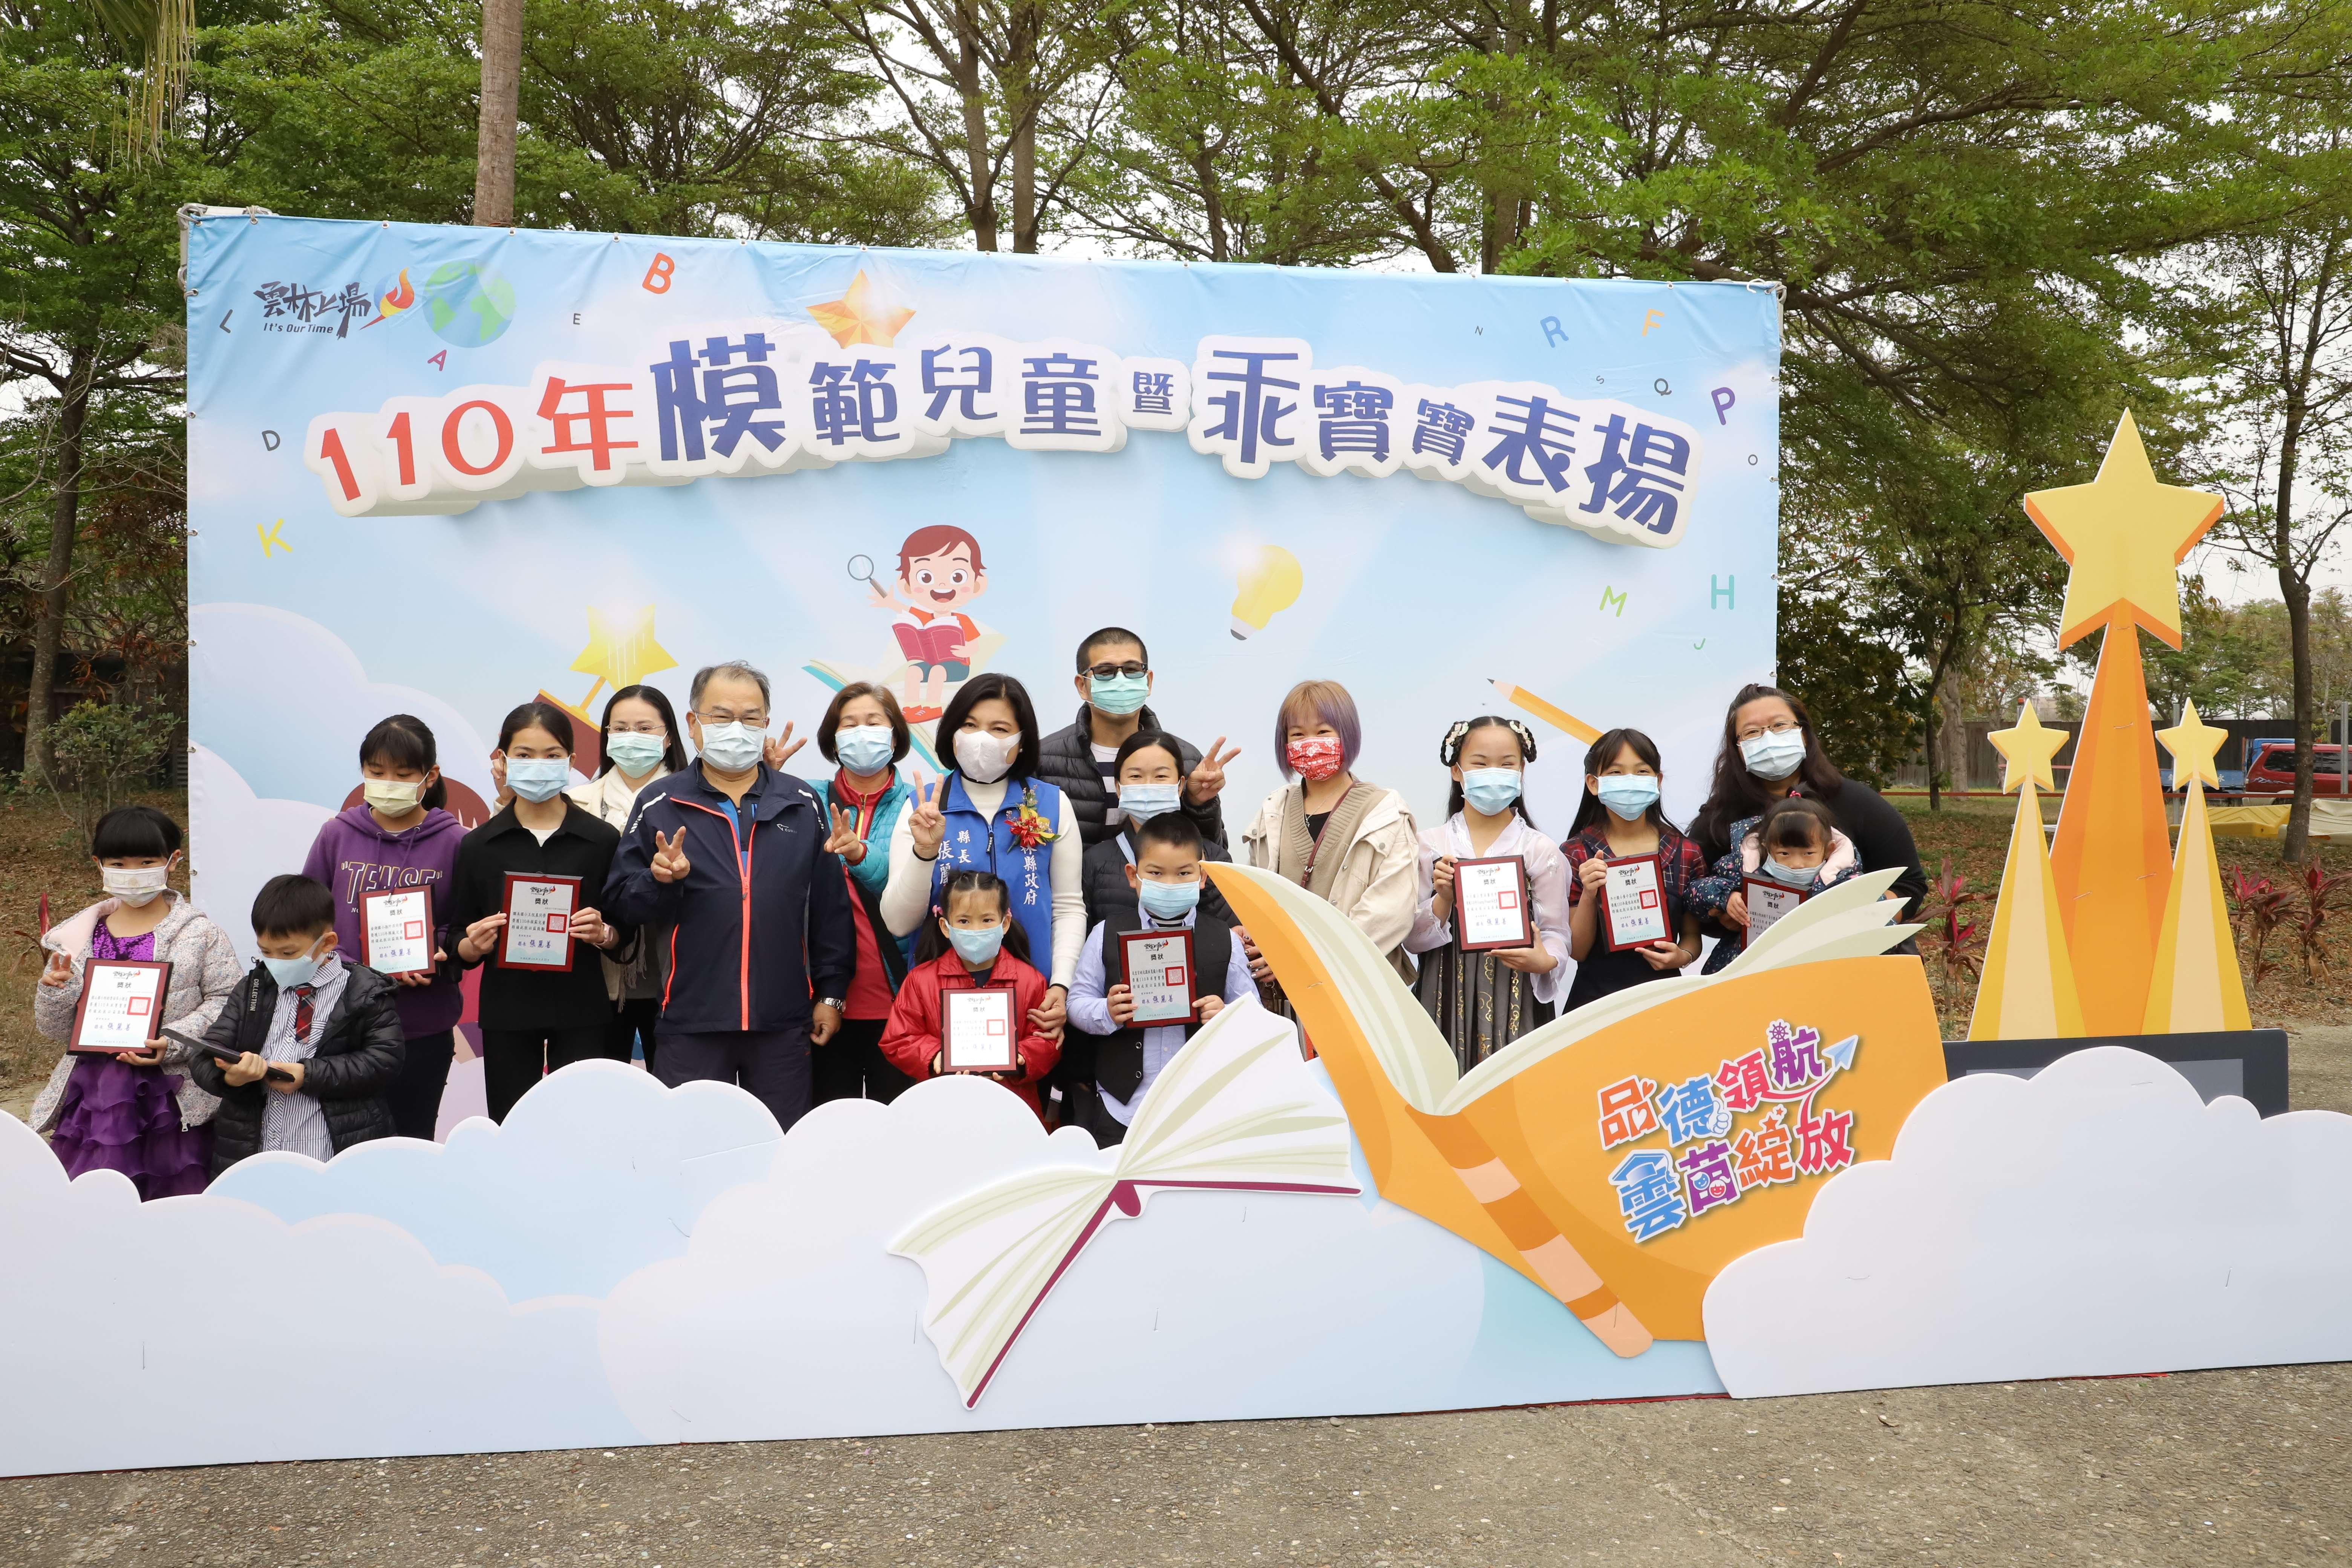 縣府今日舉辦110年模範兒童暨乖寶寶表揚大會,總計686位兒童獲獎。